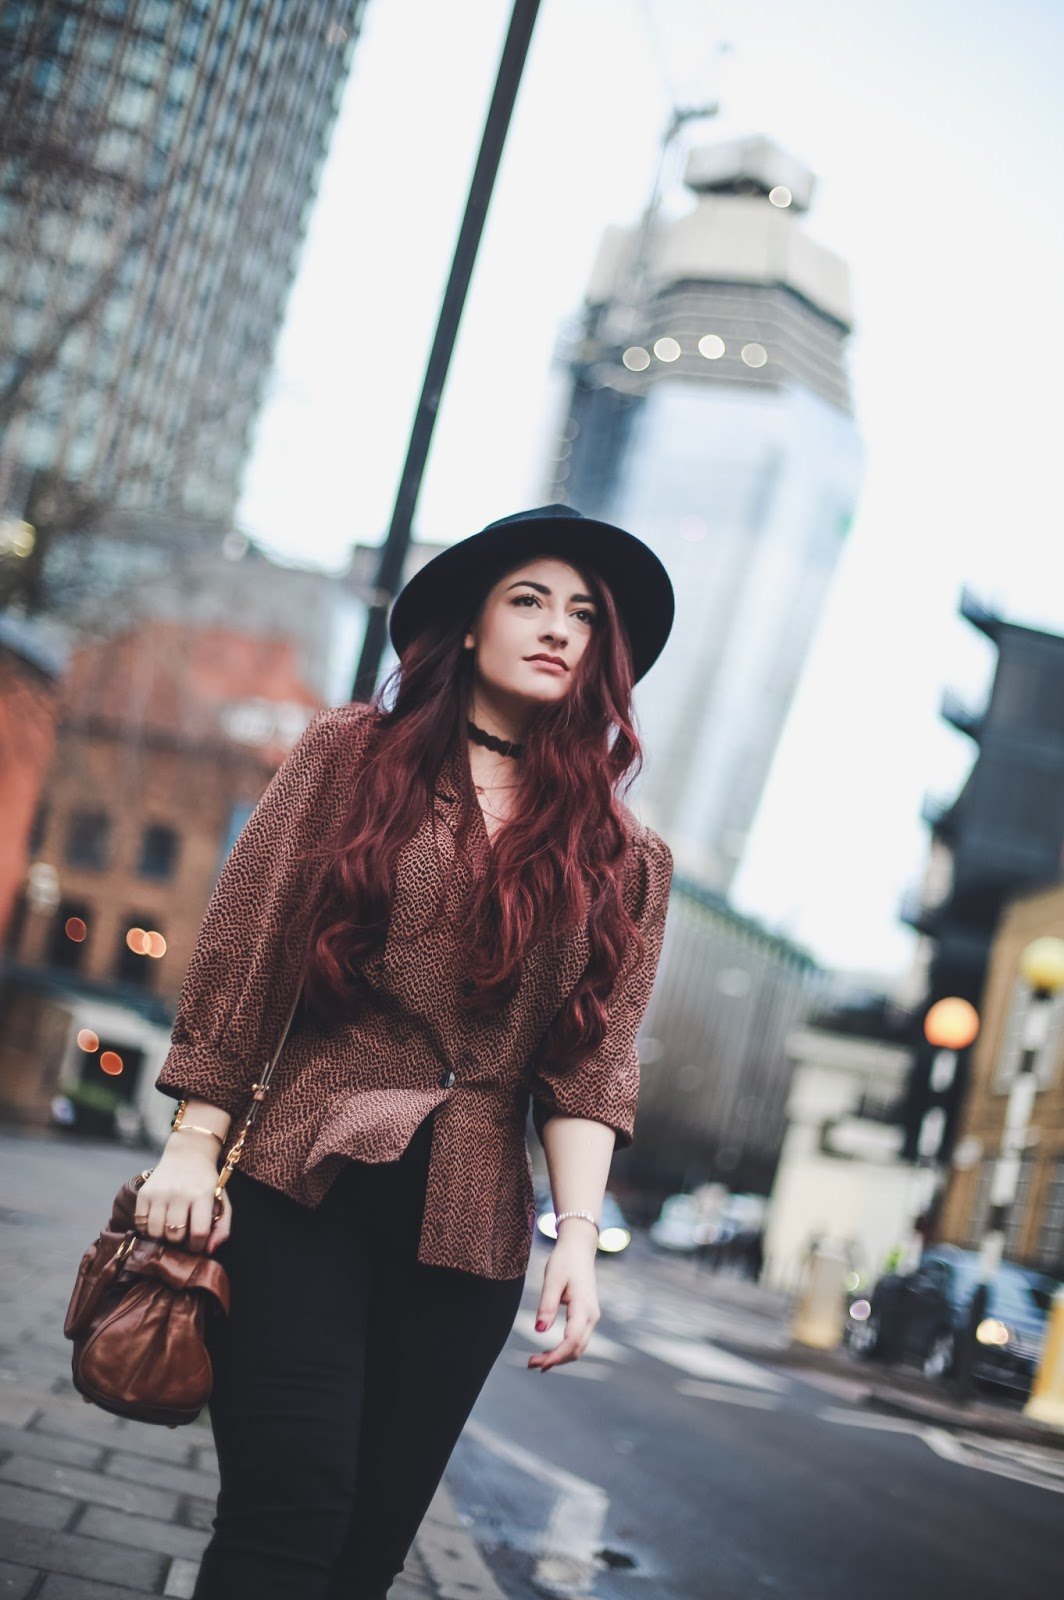 chemise vintage blog mode